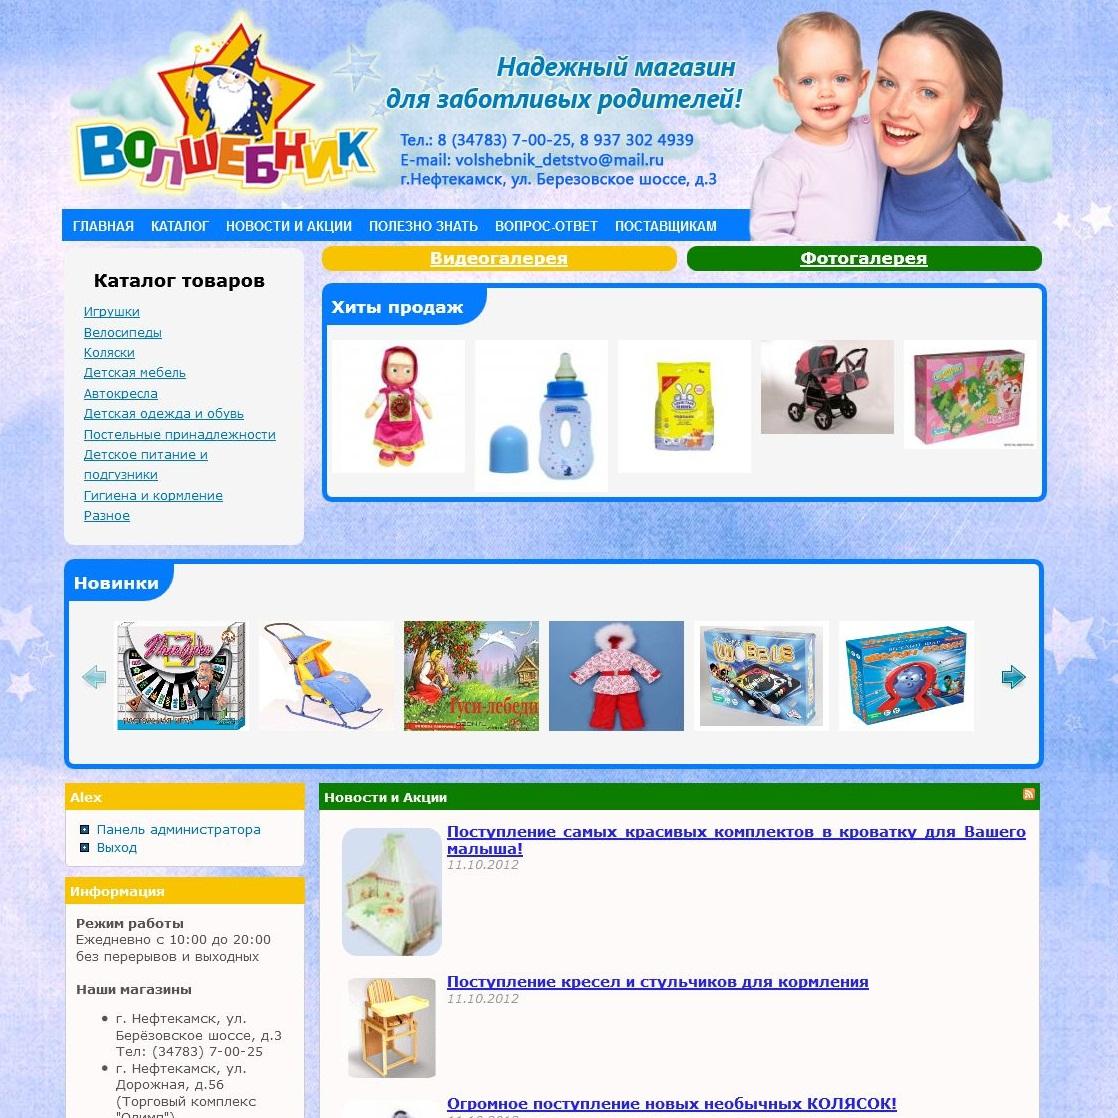 linkme.ufanet.ru/images/ed9bbb1a46c634c9d2ede5a757b8992c.jpg